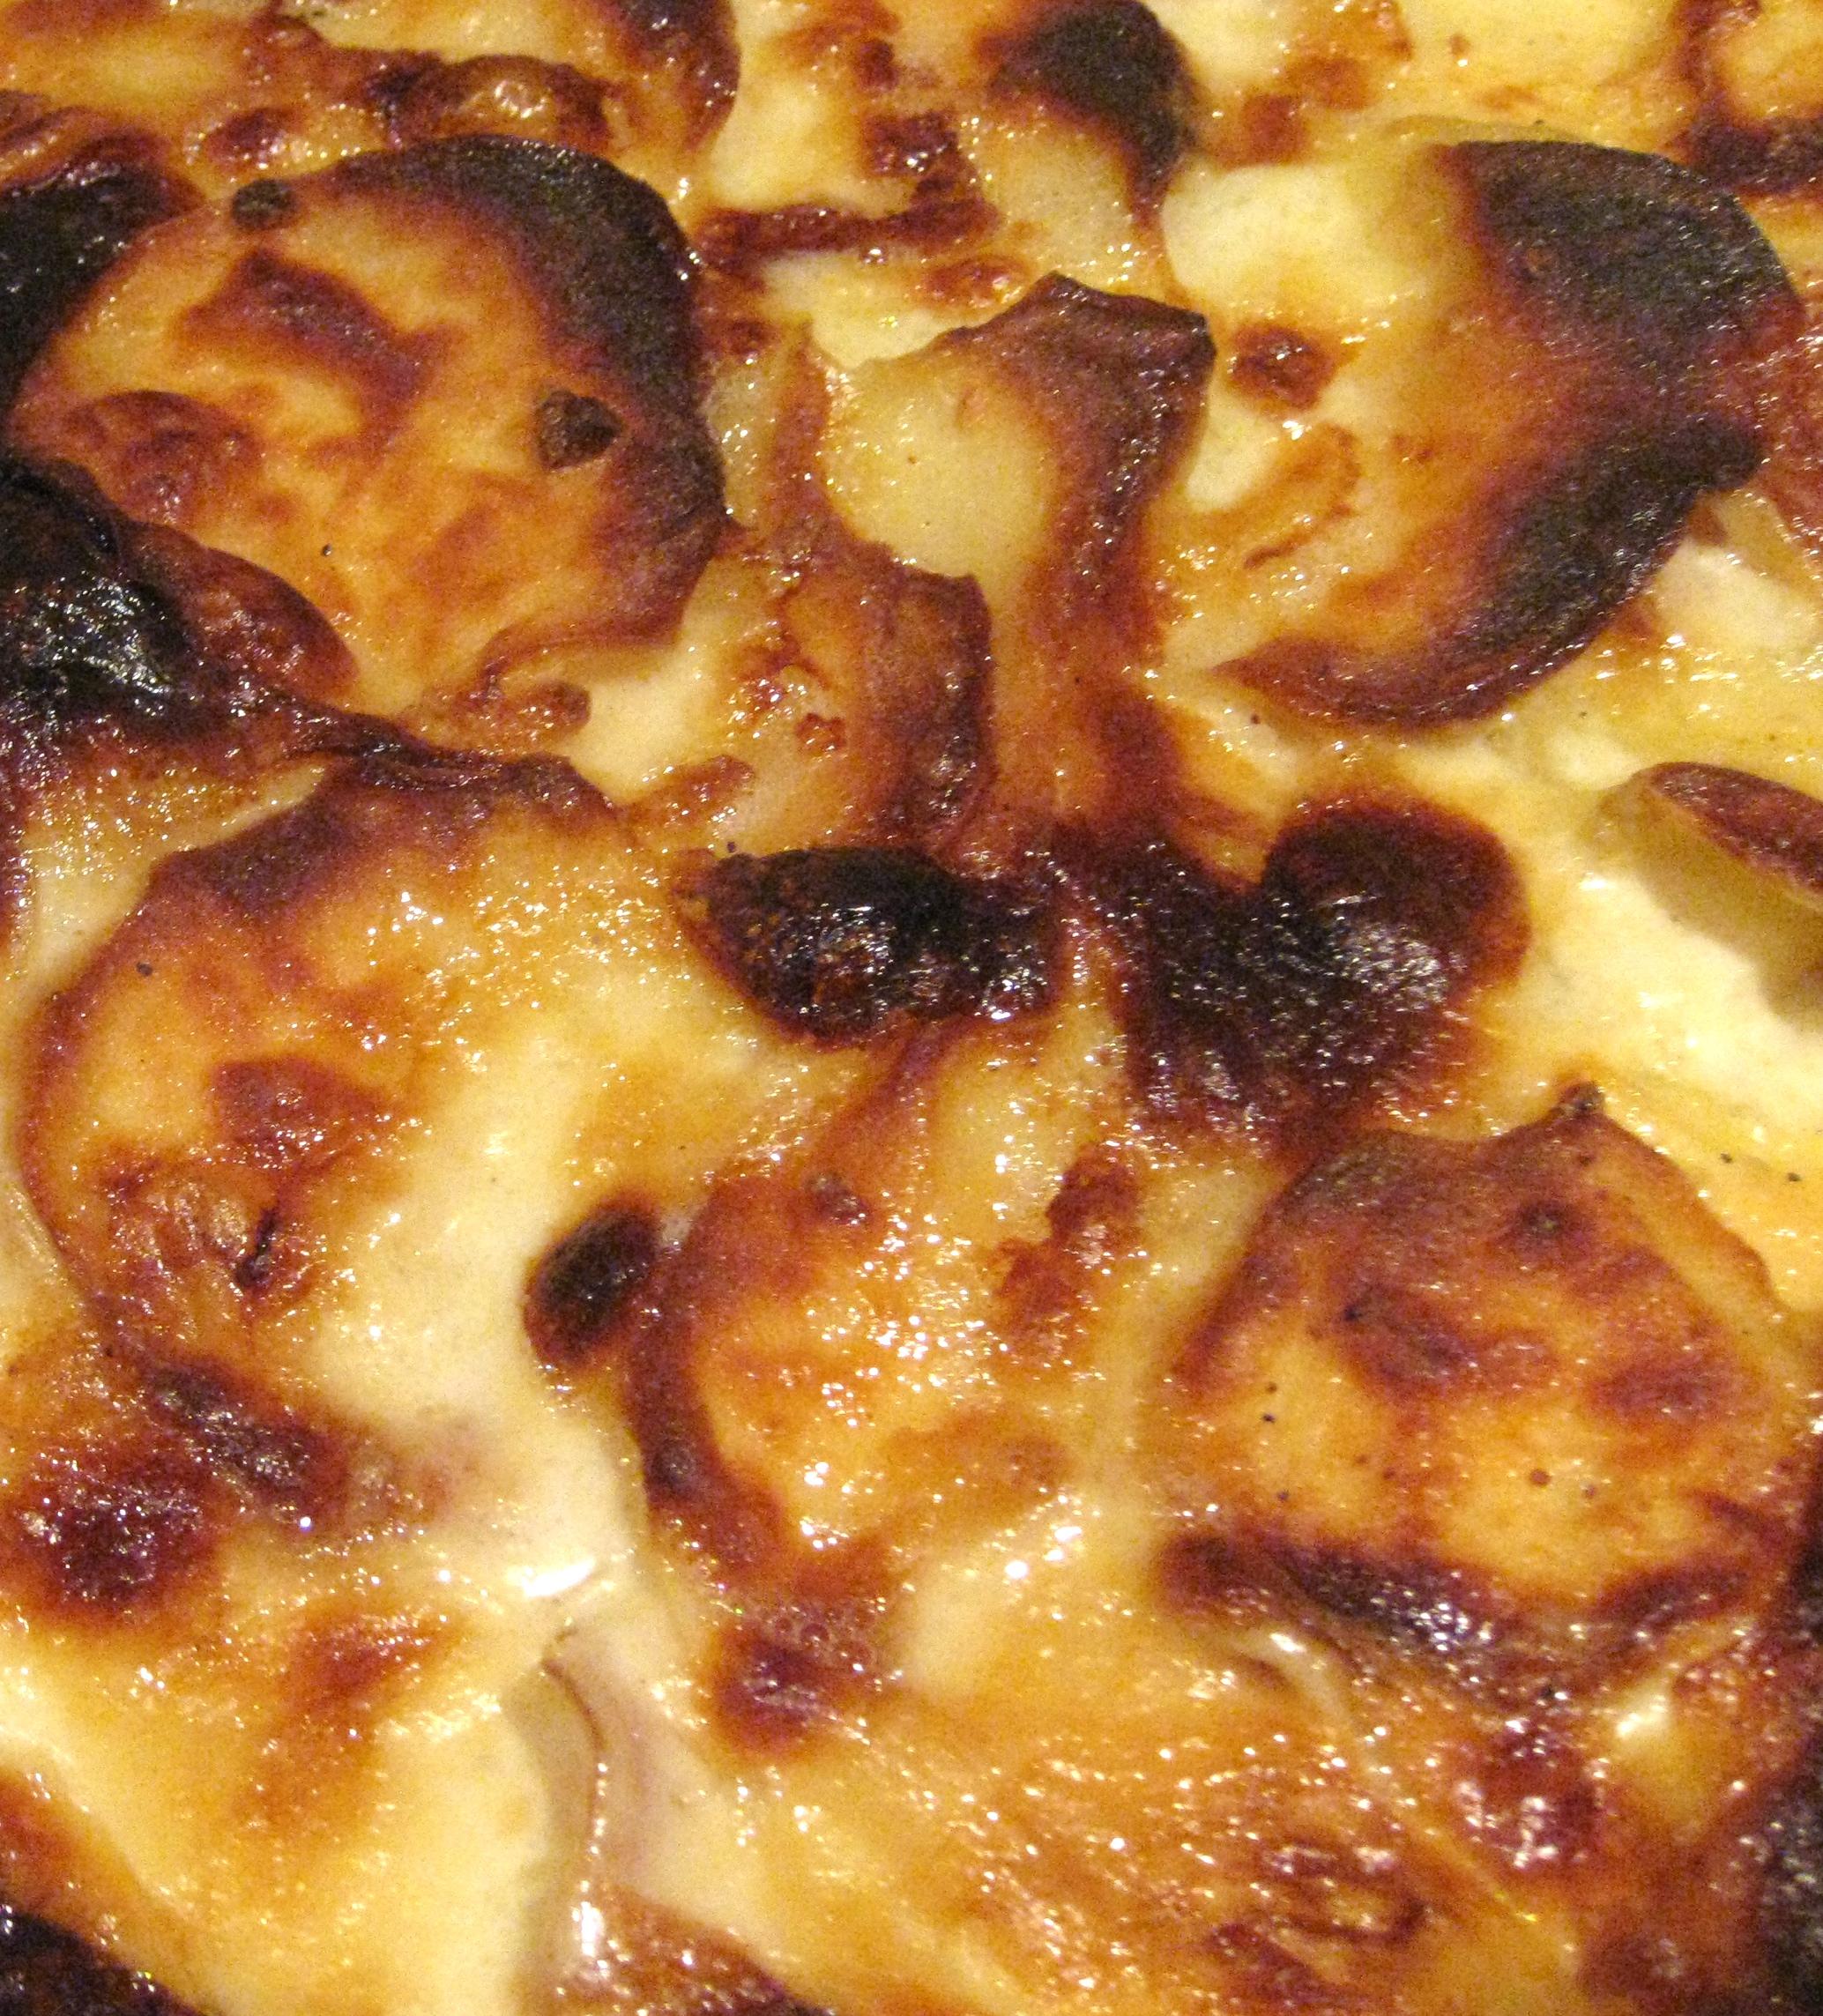 pommes dauphinois, romige aardappelschotel